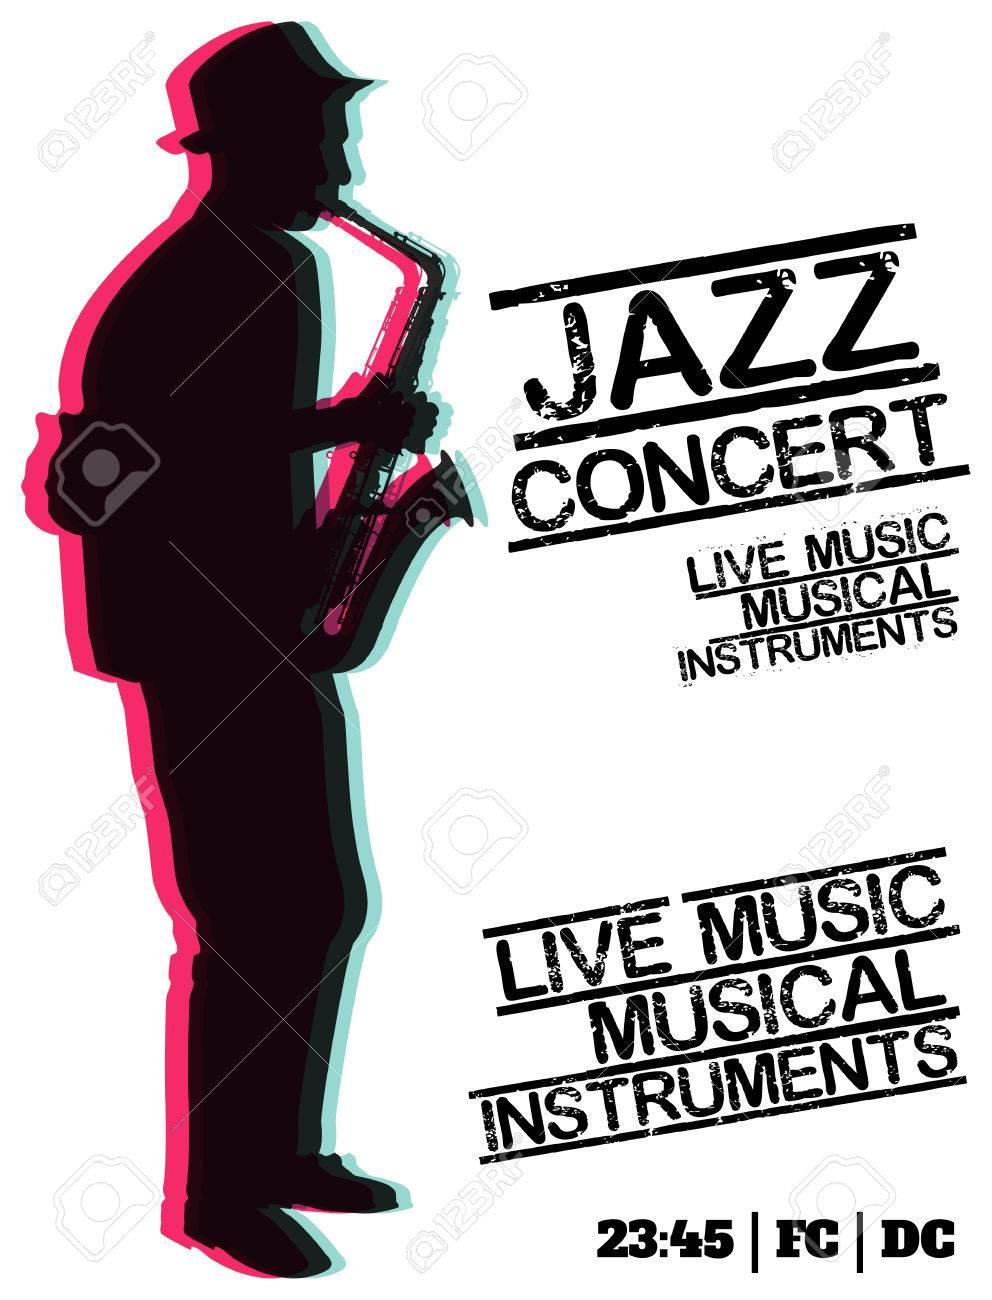 Affiche Concert jazz blues concert, modèle affiche de fond. vector conception